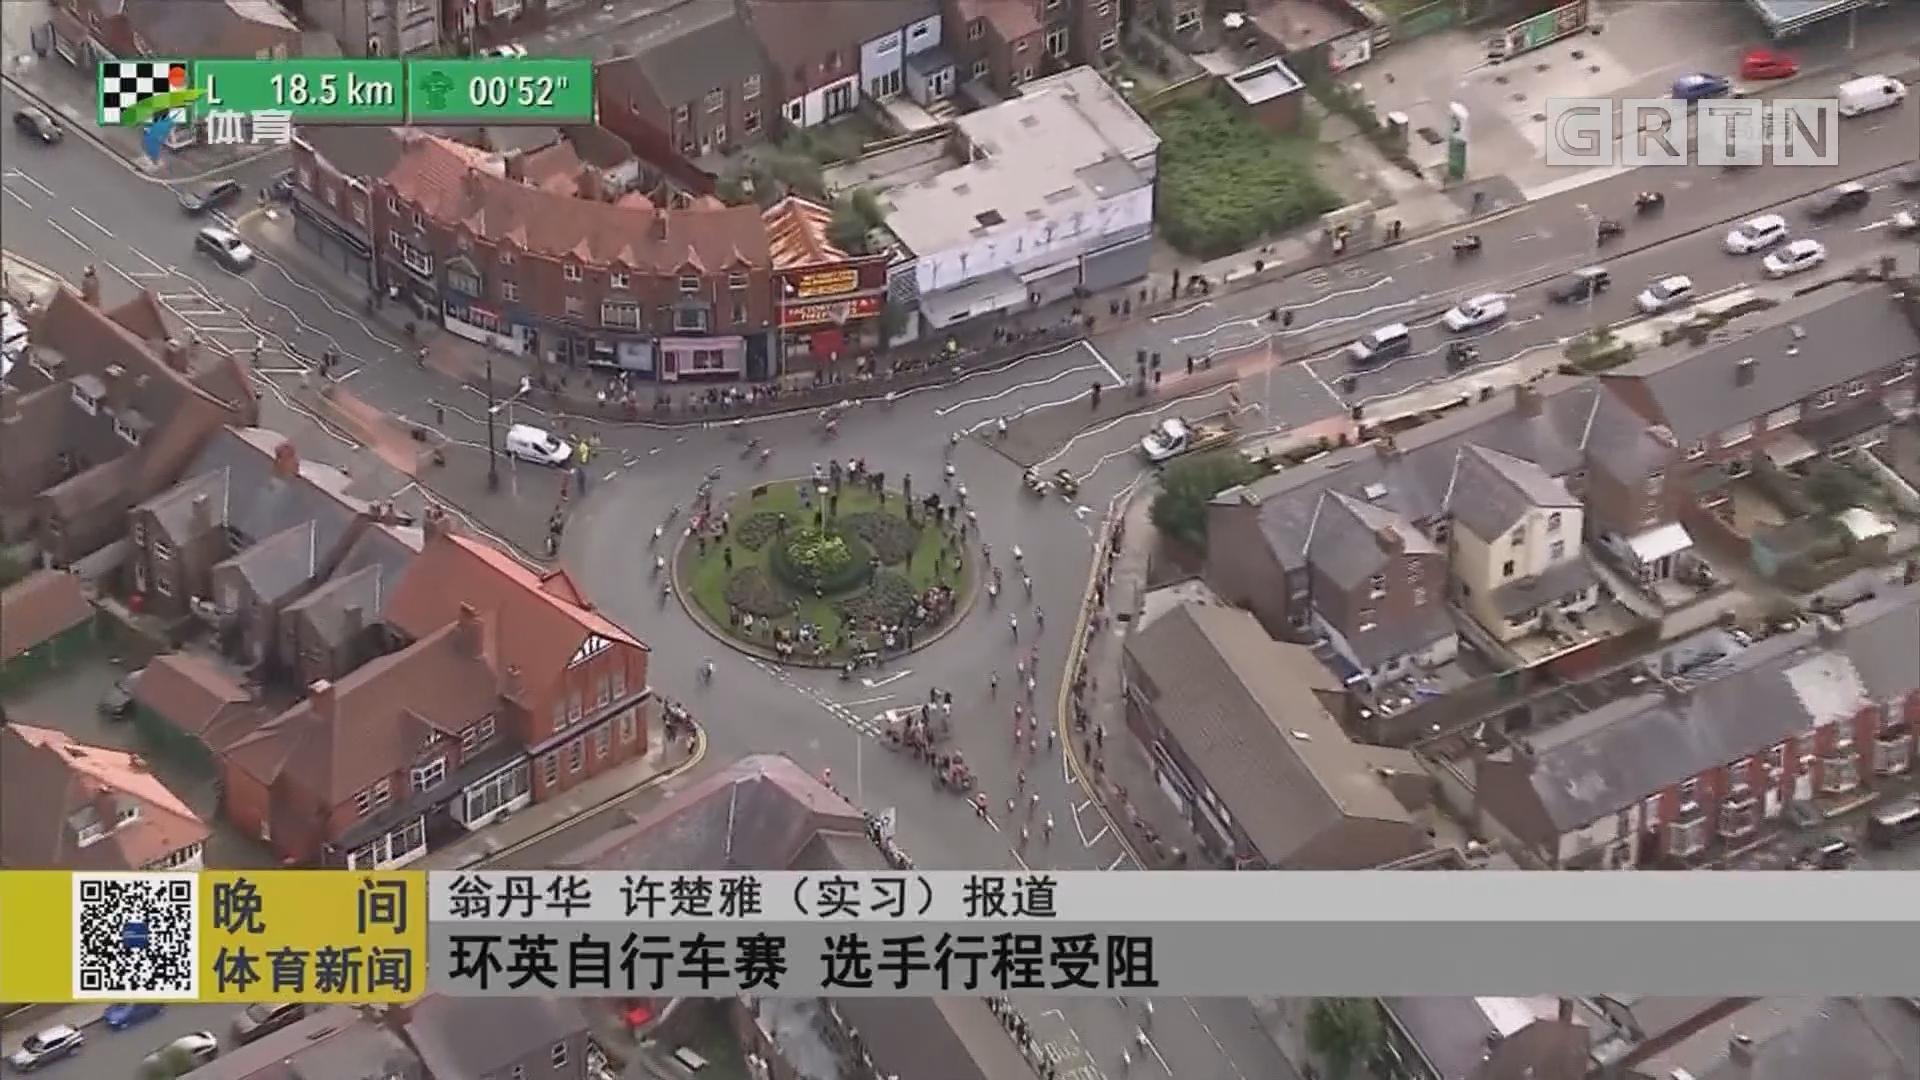 环英自行车赛 选手行程受阻